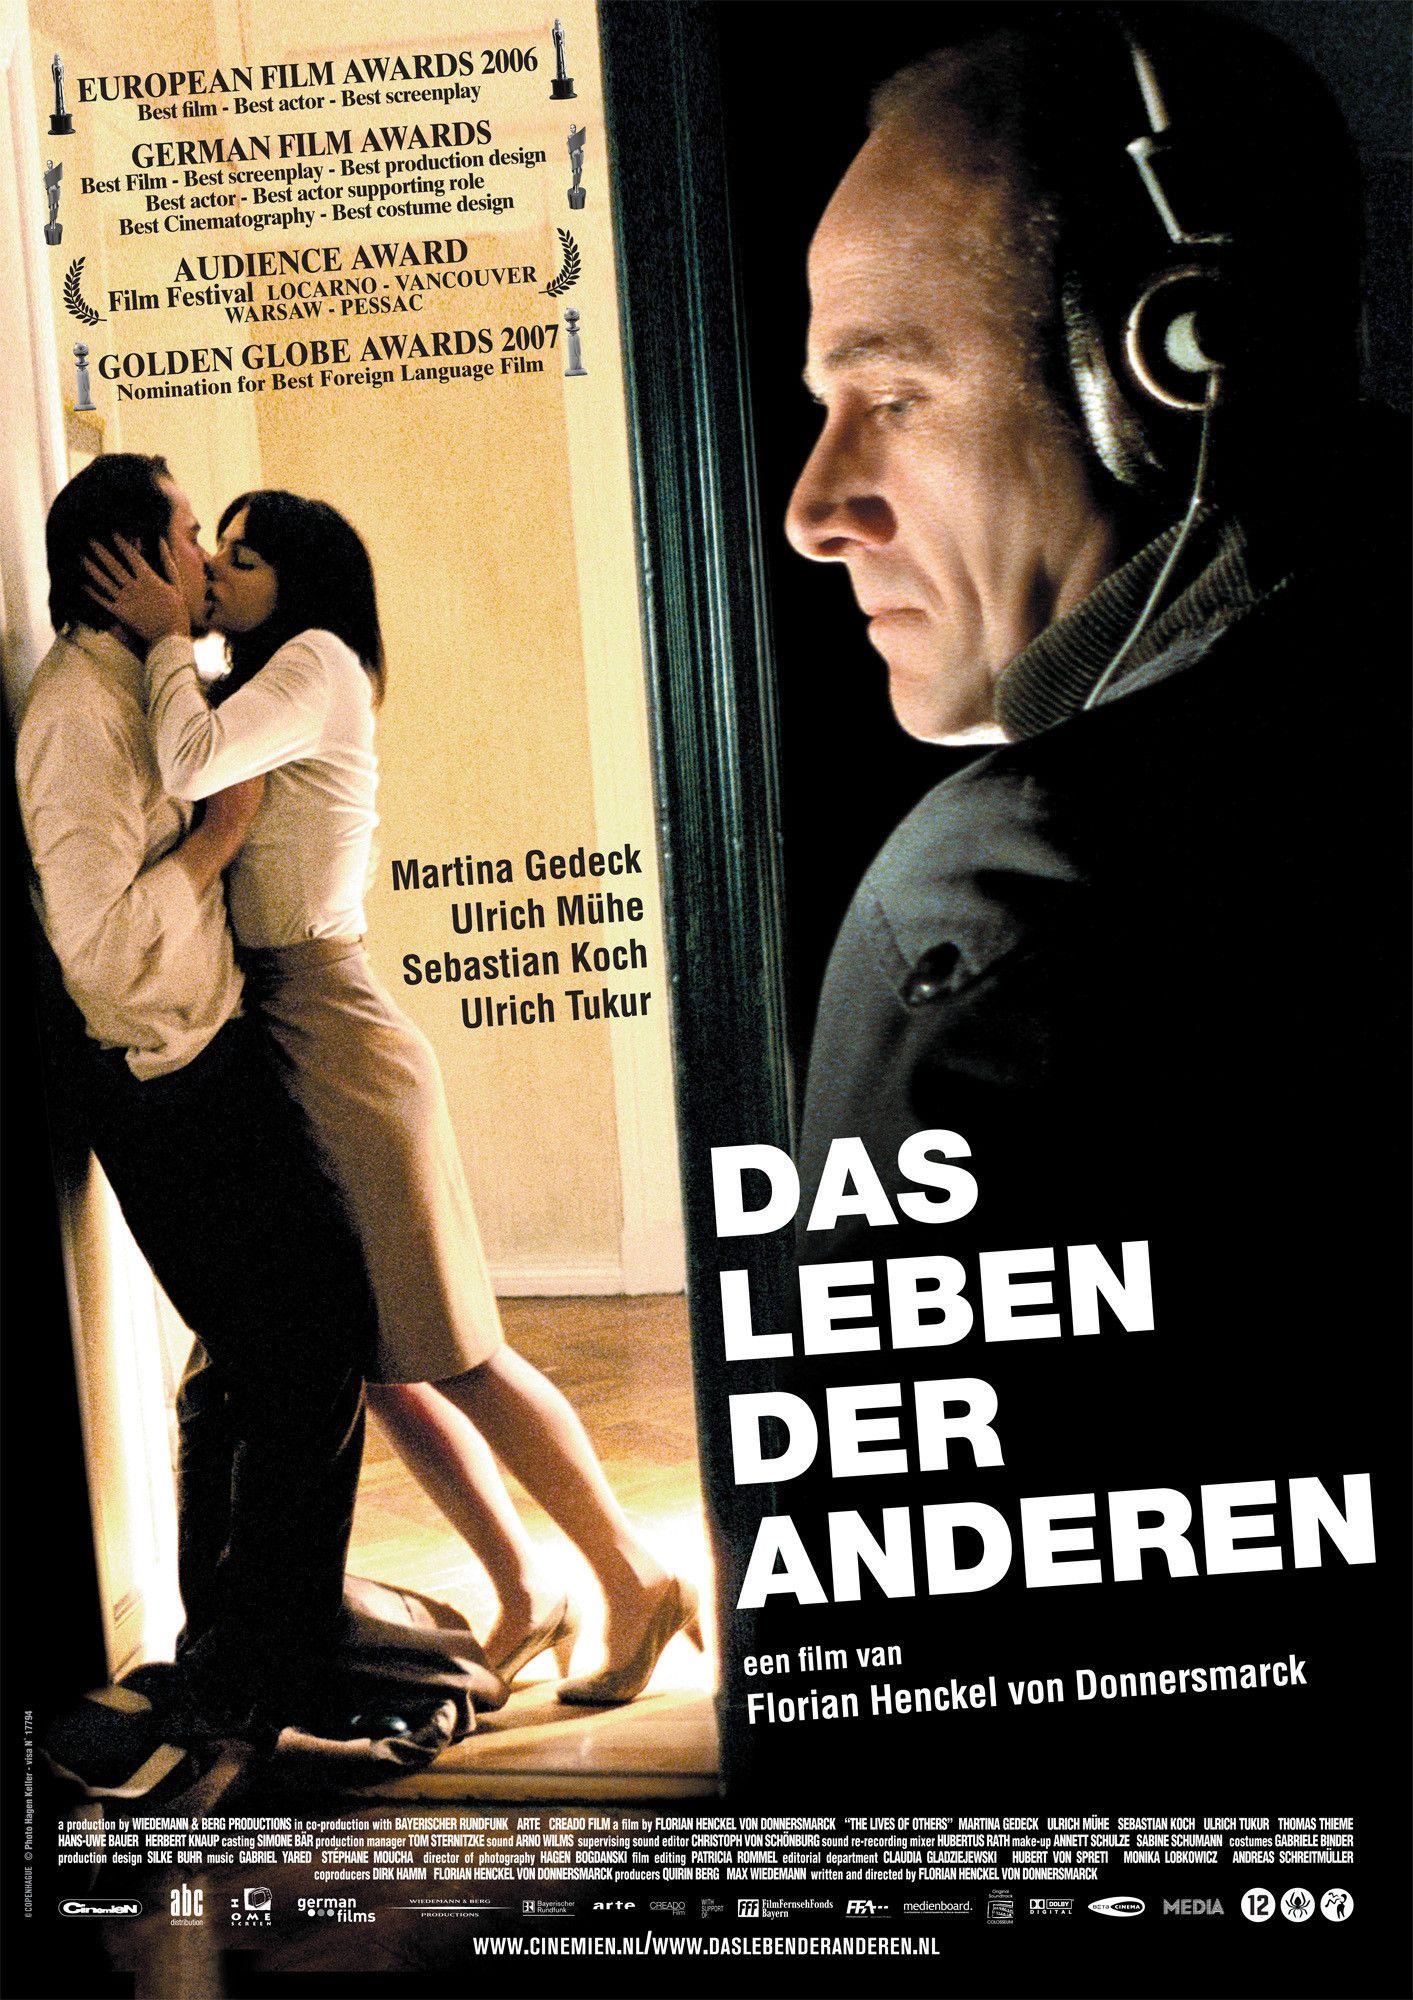 Best films of 2006: description 9